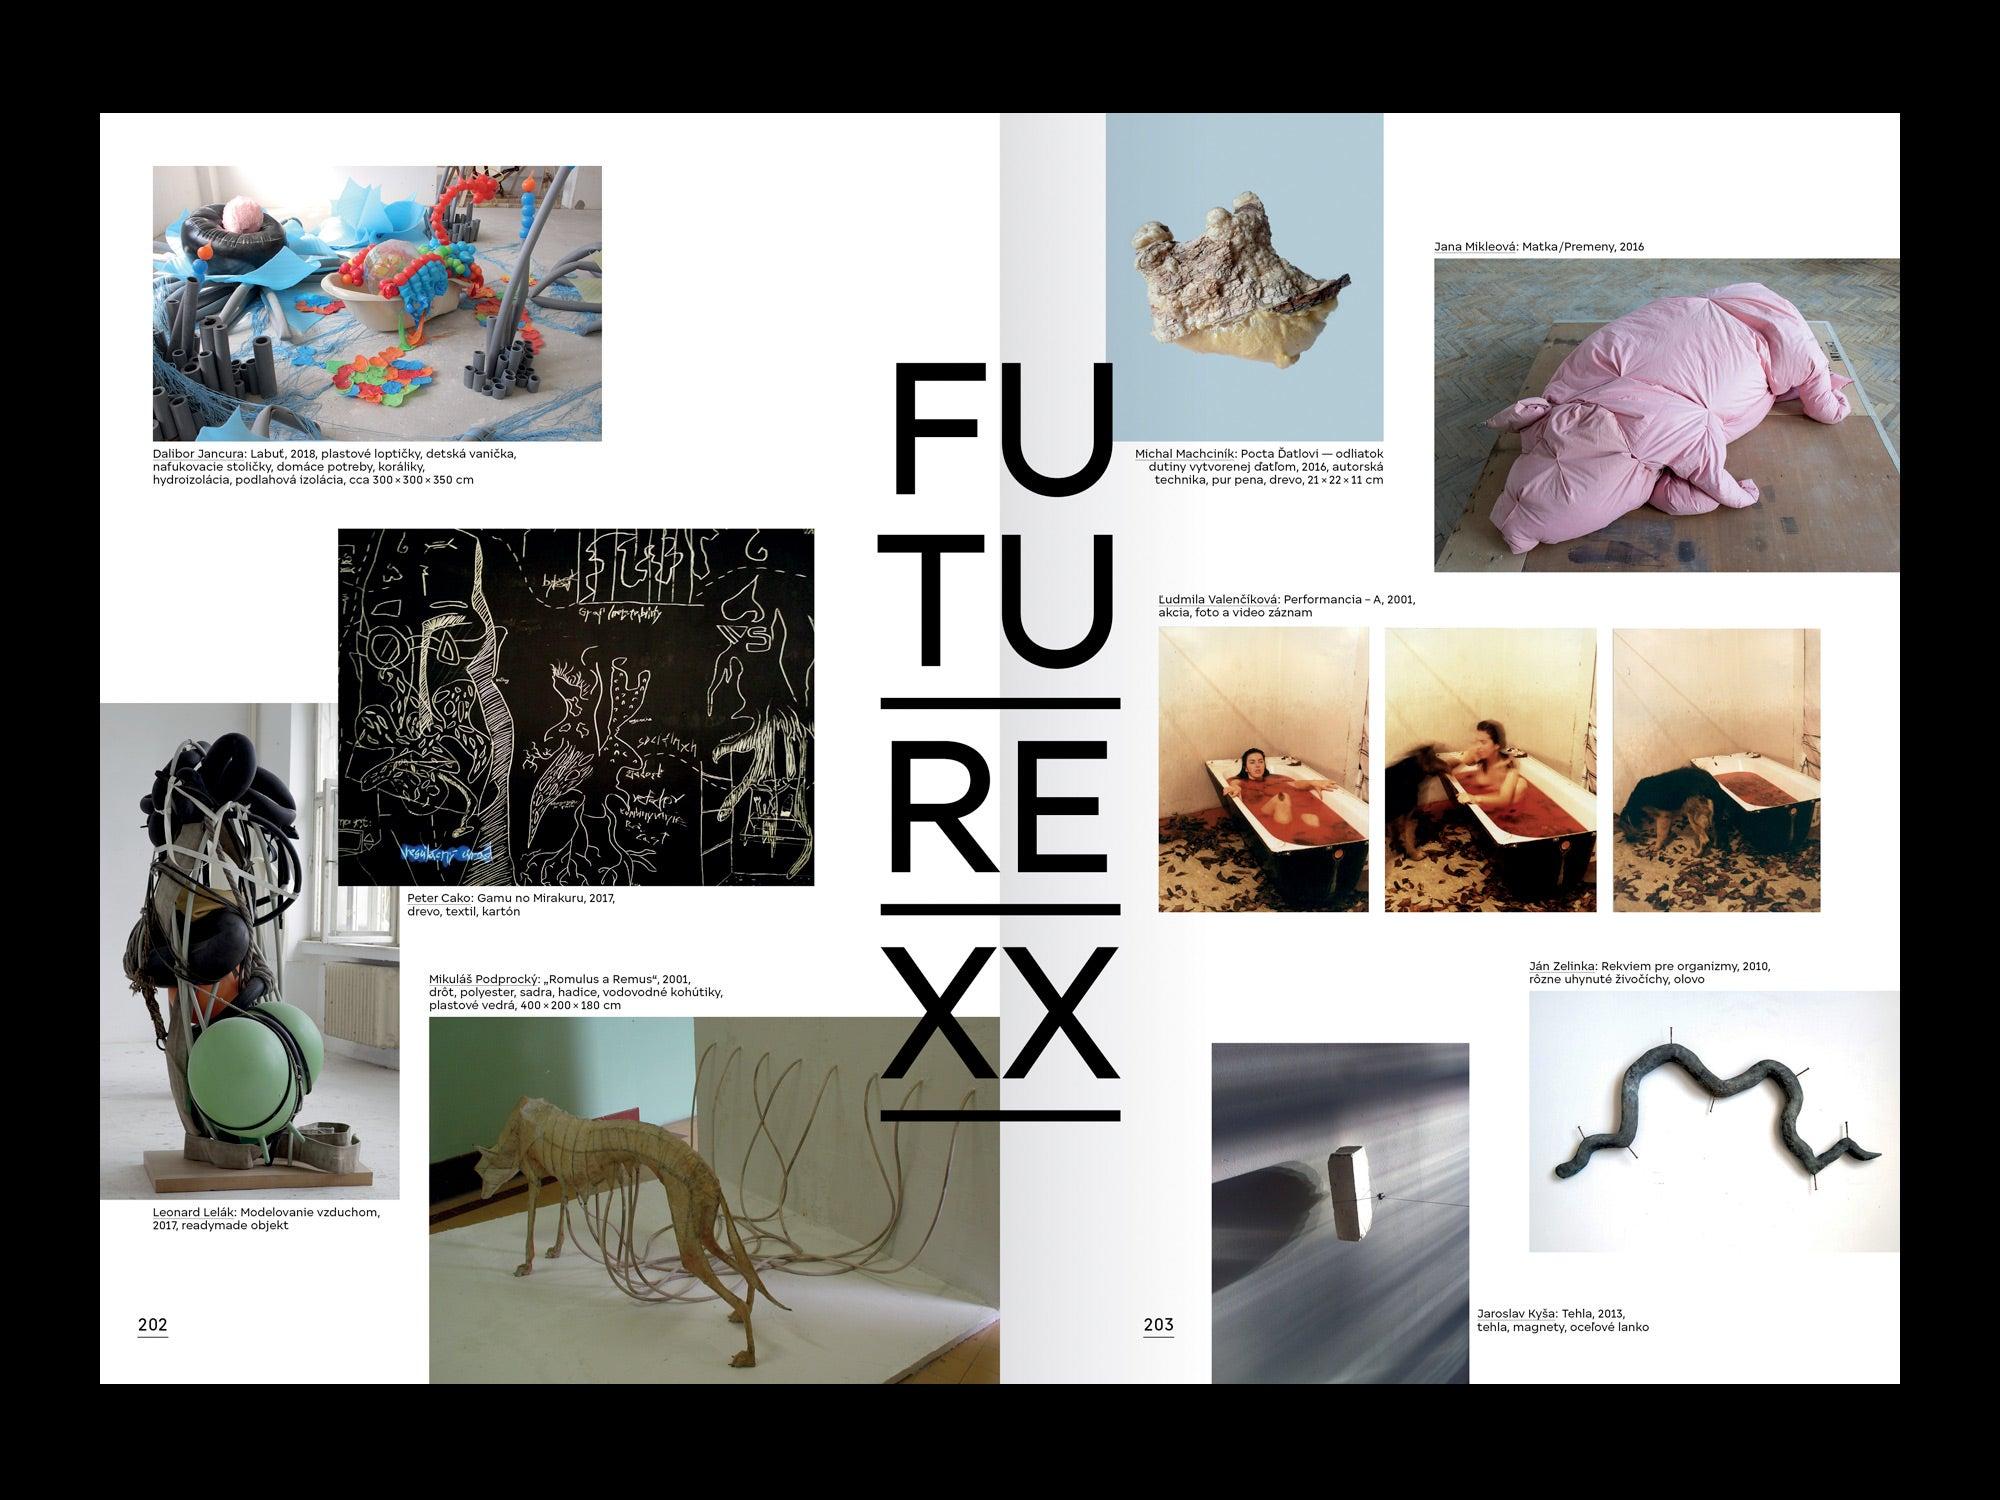 FUTUREXX_16.jpg